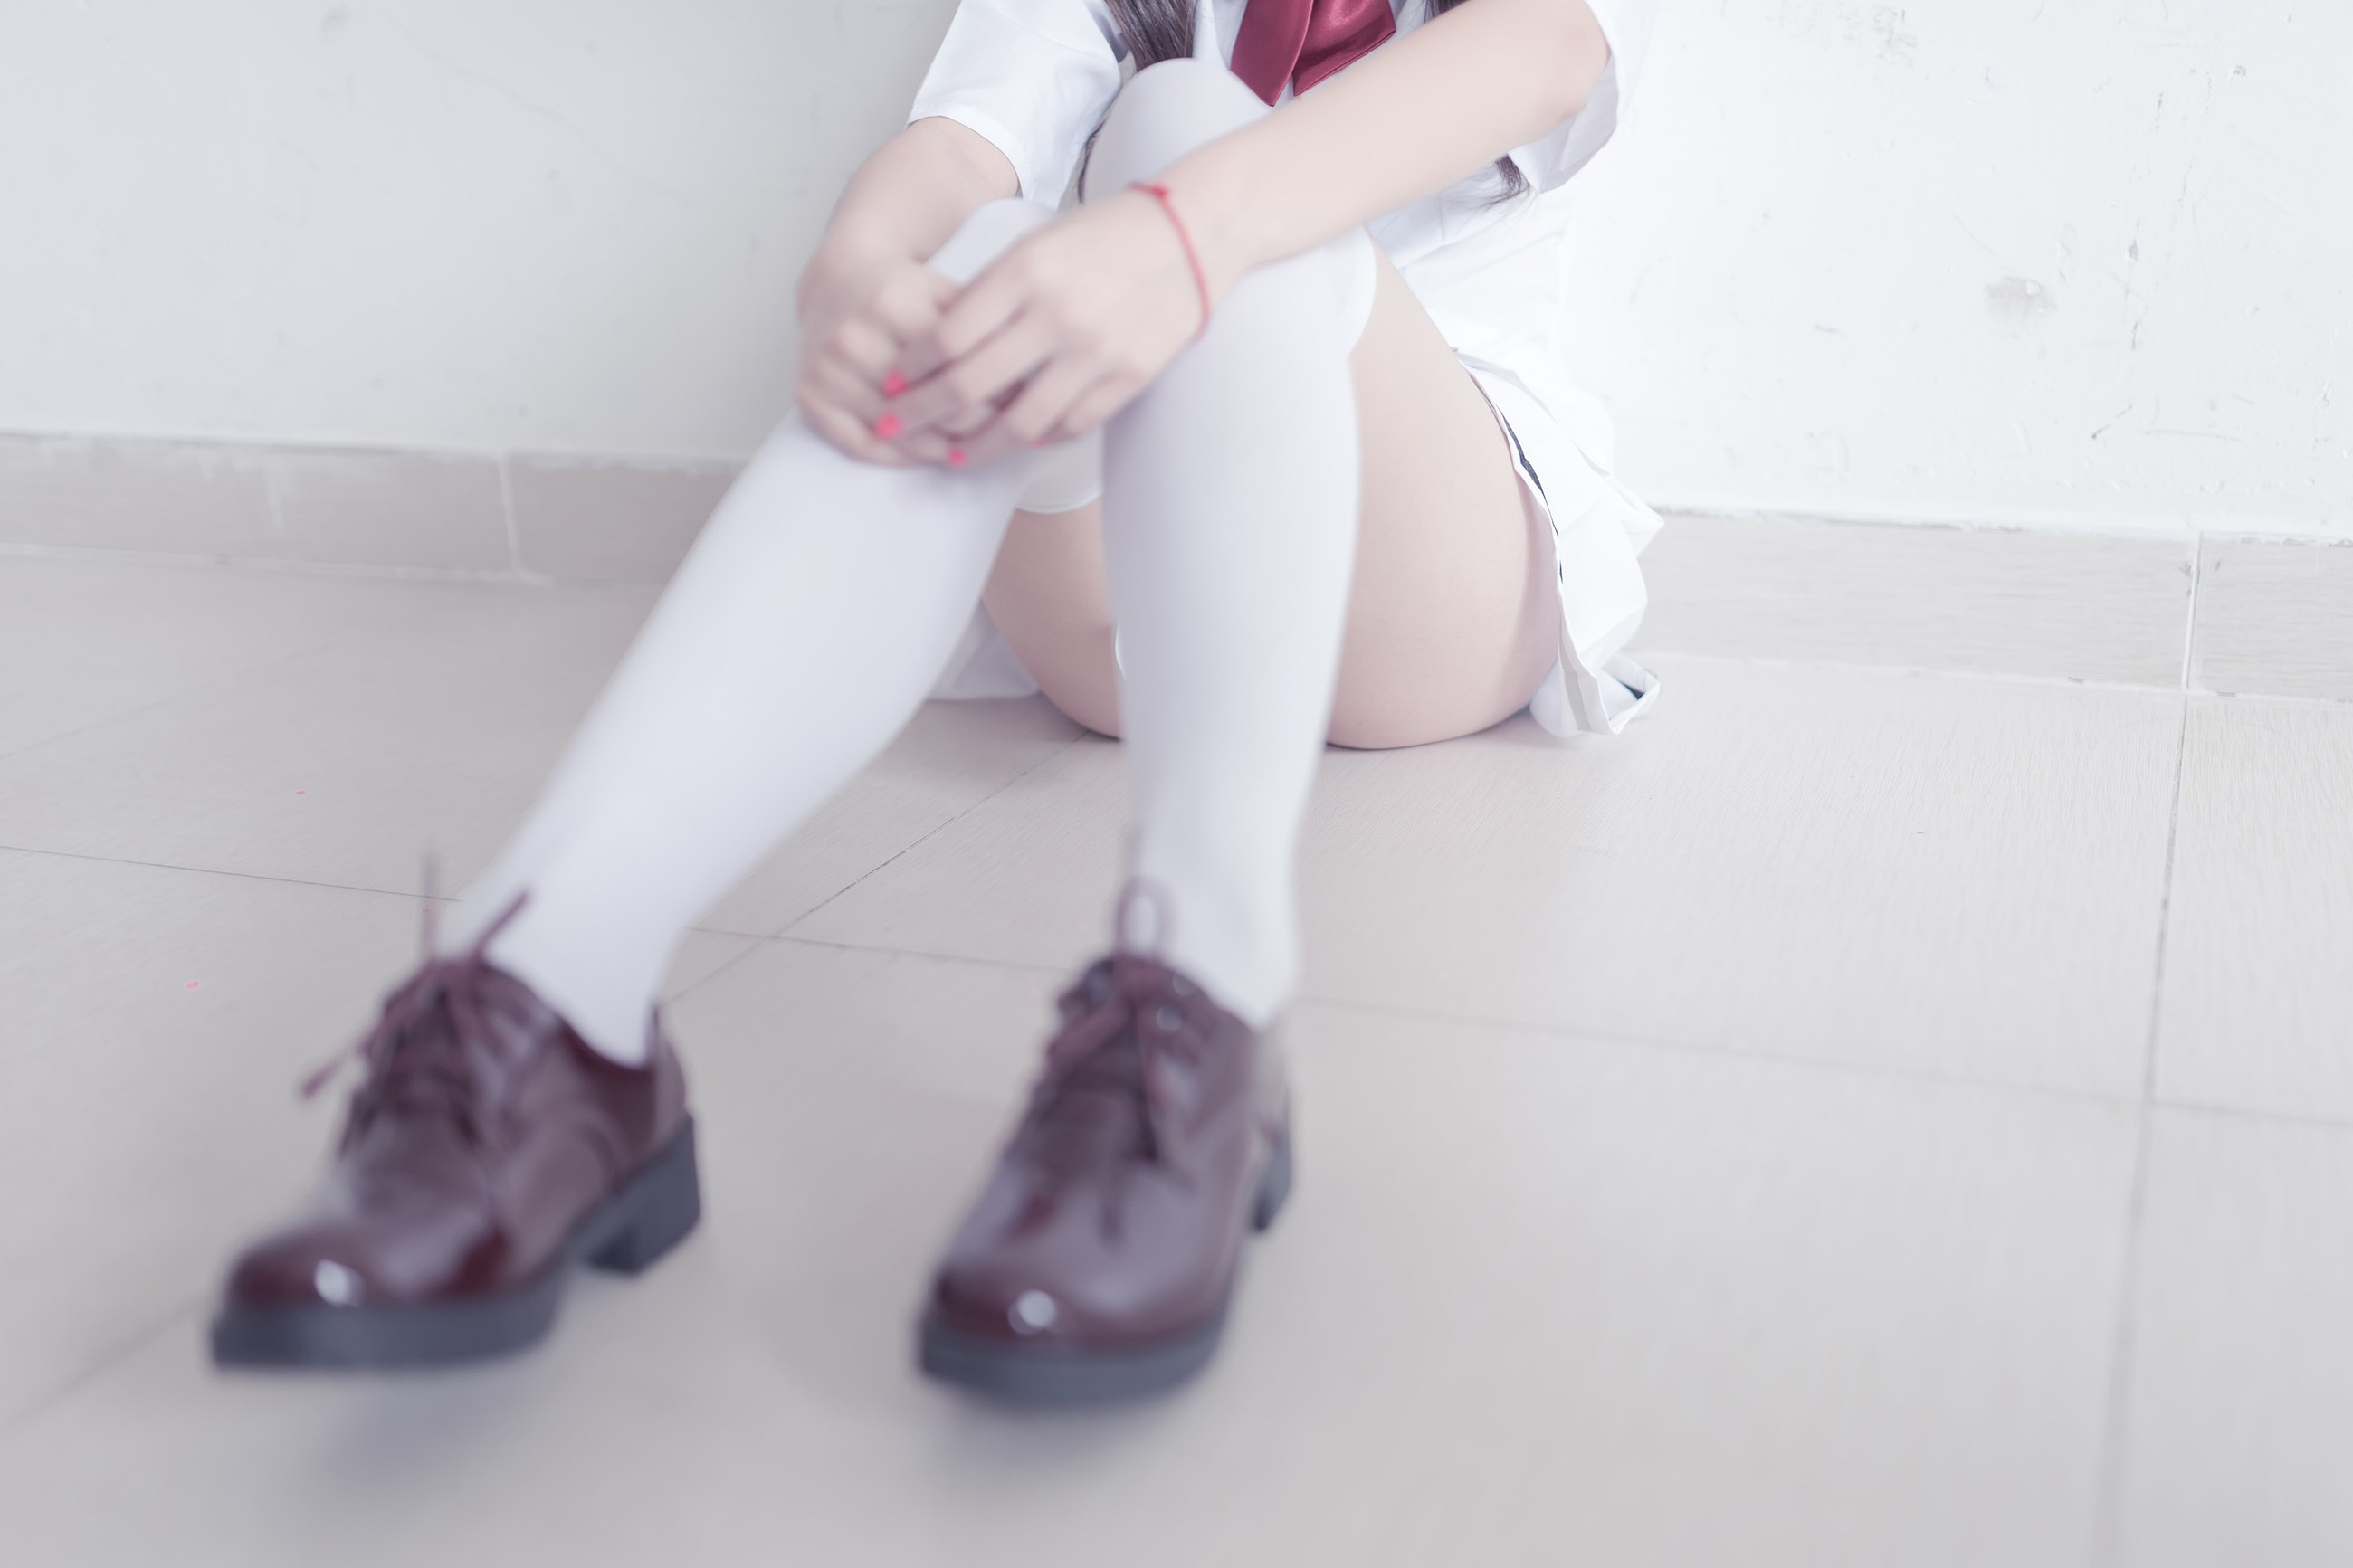 【兔玩映画】白白白白白丝 兔玩映画 第41张